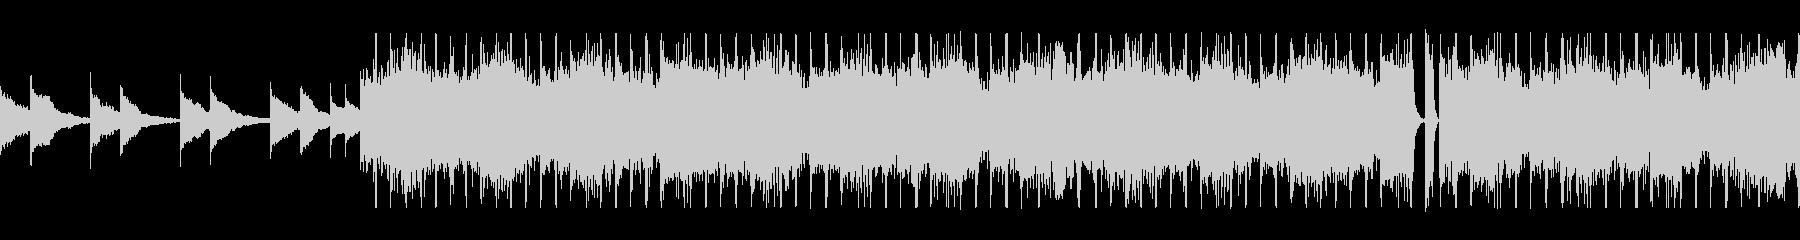 オルゴールが流れるホラーBGMの未再生の波形